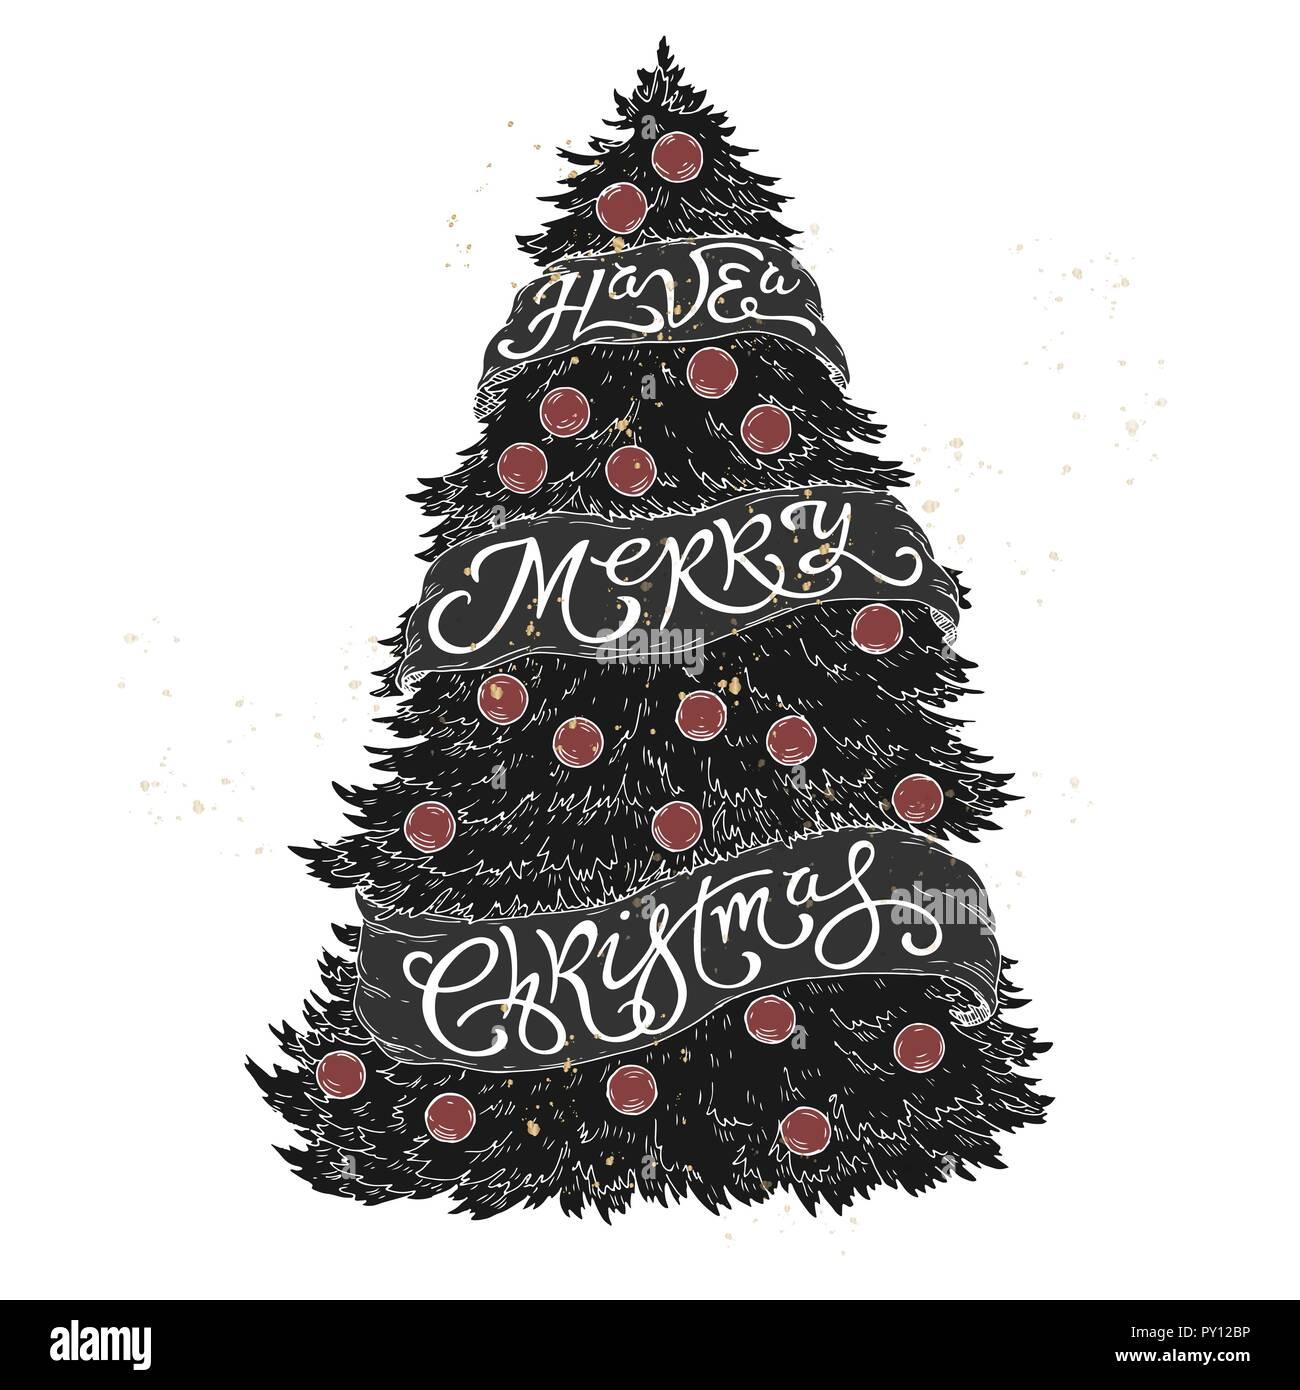 Saludo Letras Cepillo Colocado En Una Forma De Un árbol De